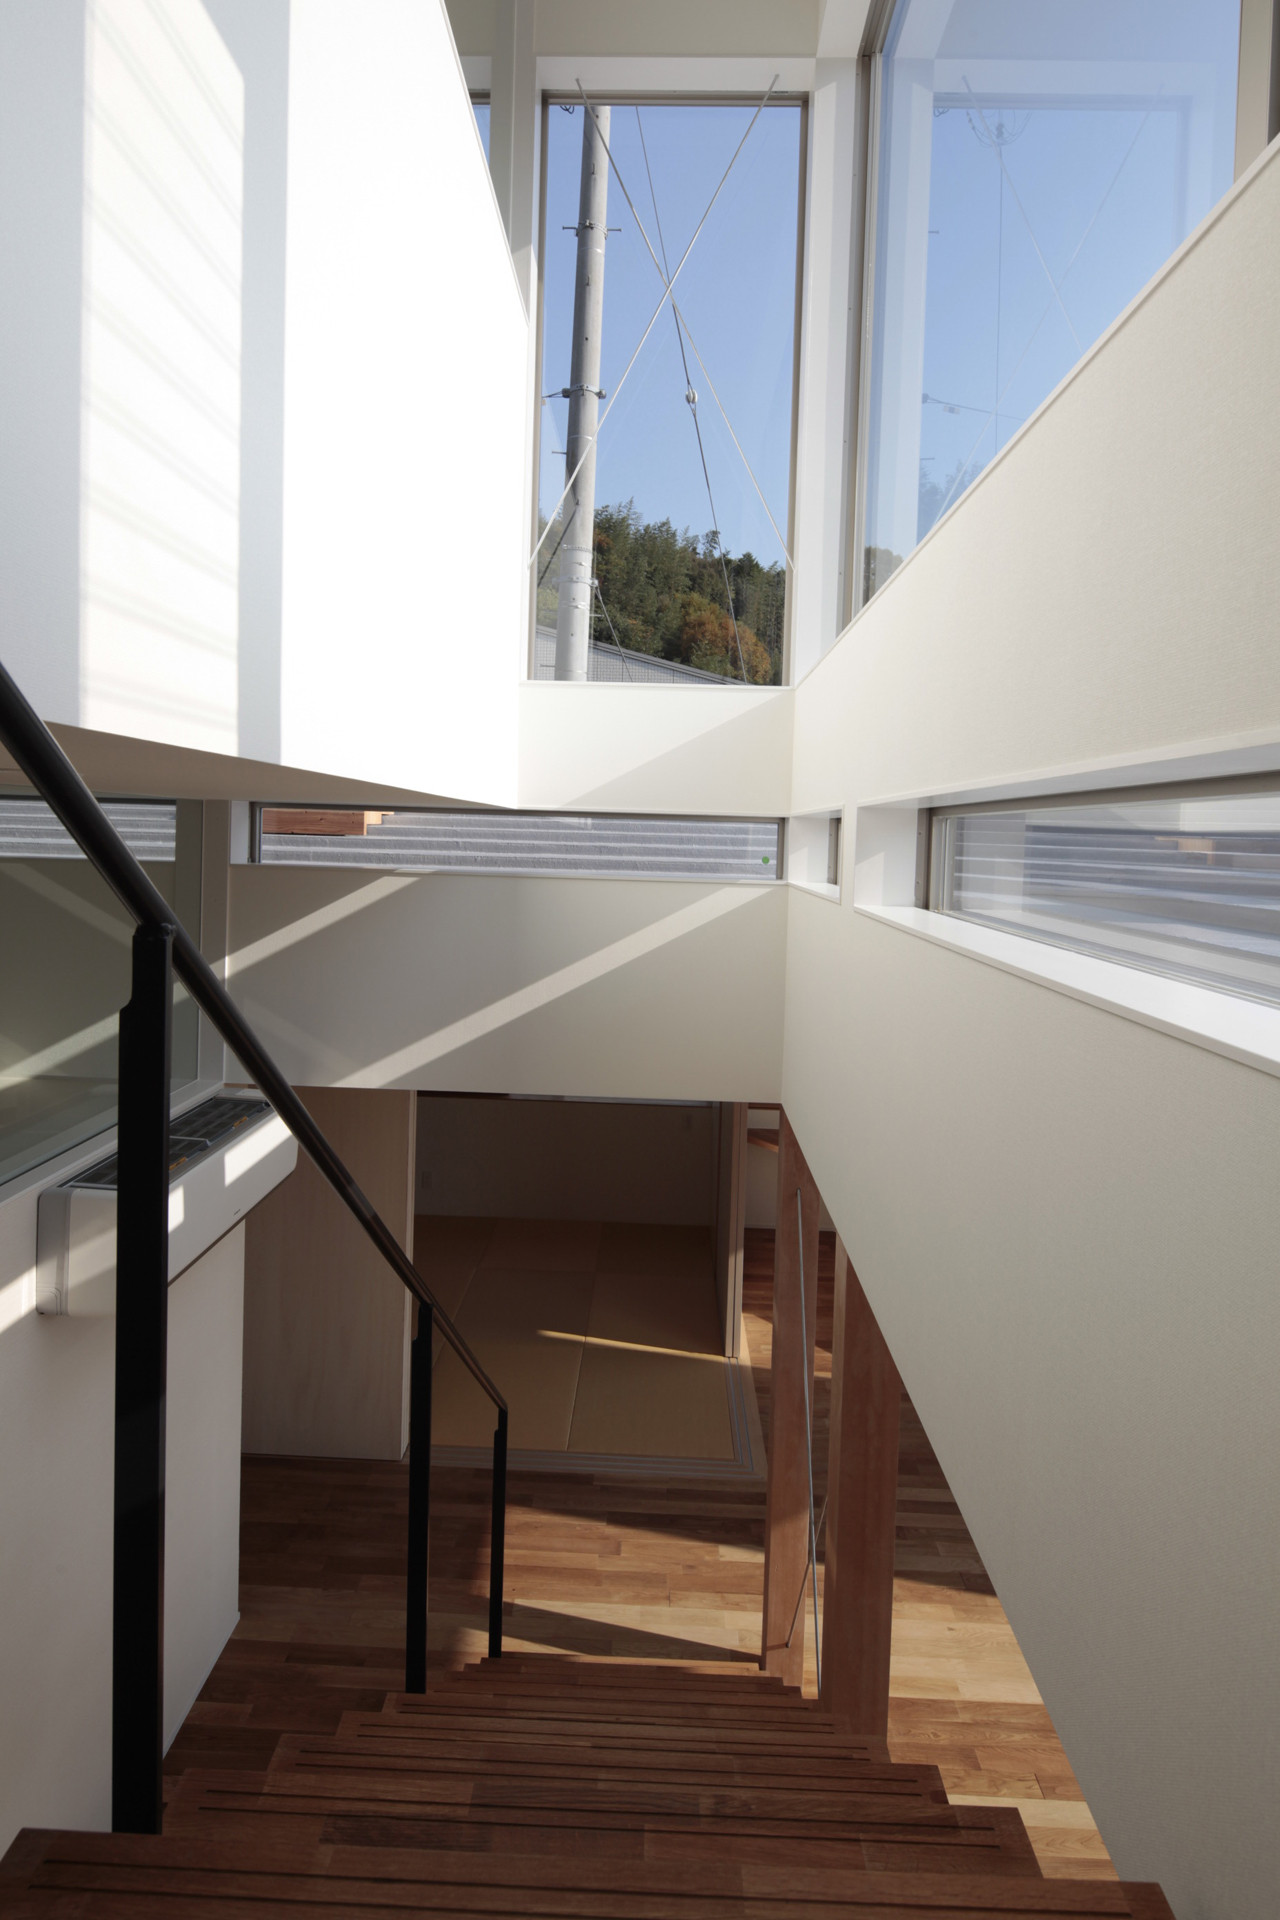 House of Bank and Roof / Masao Yahagi Architects